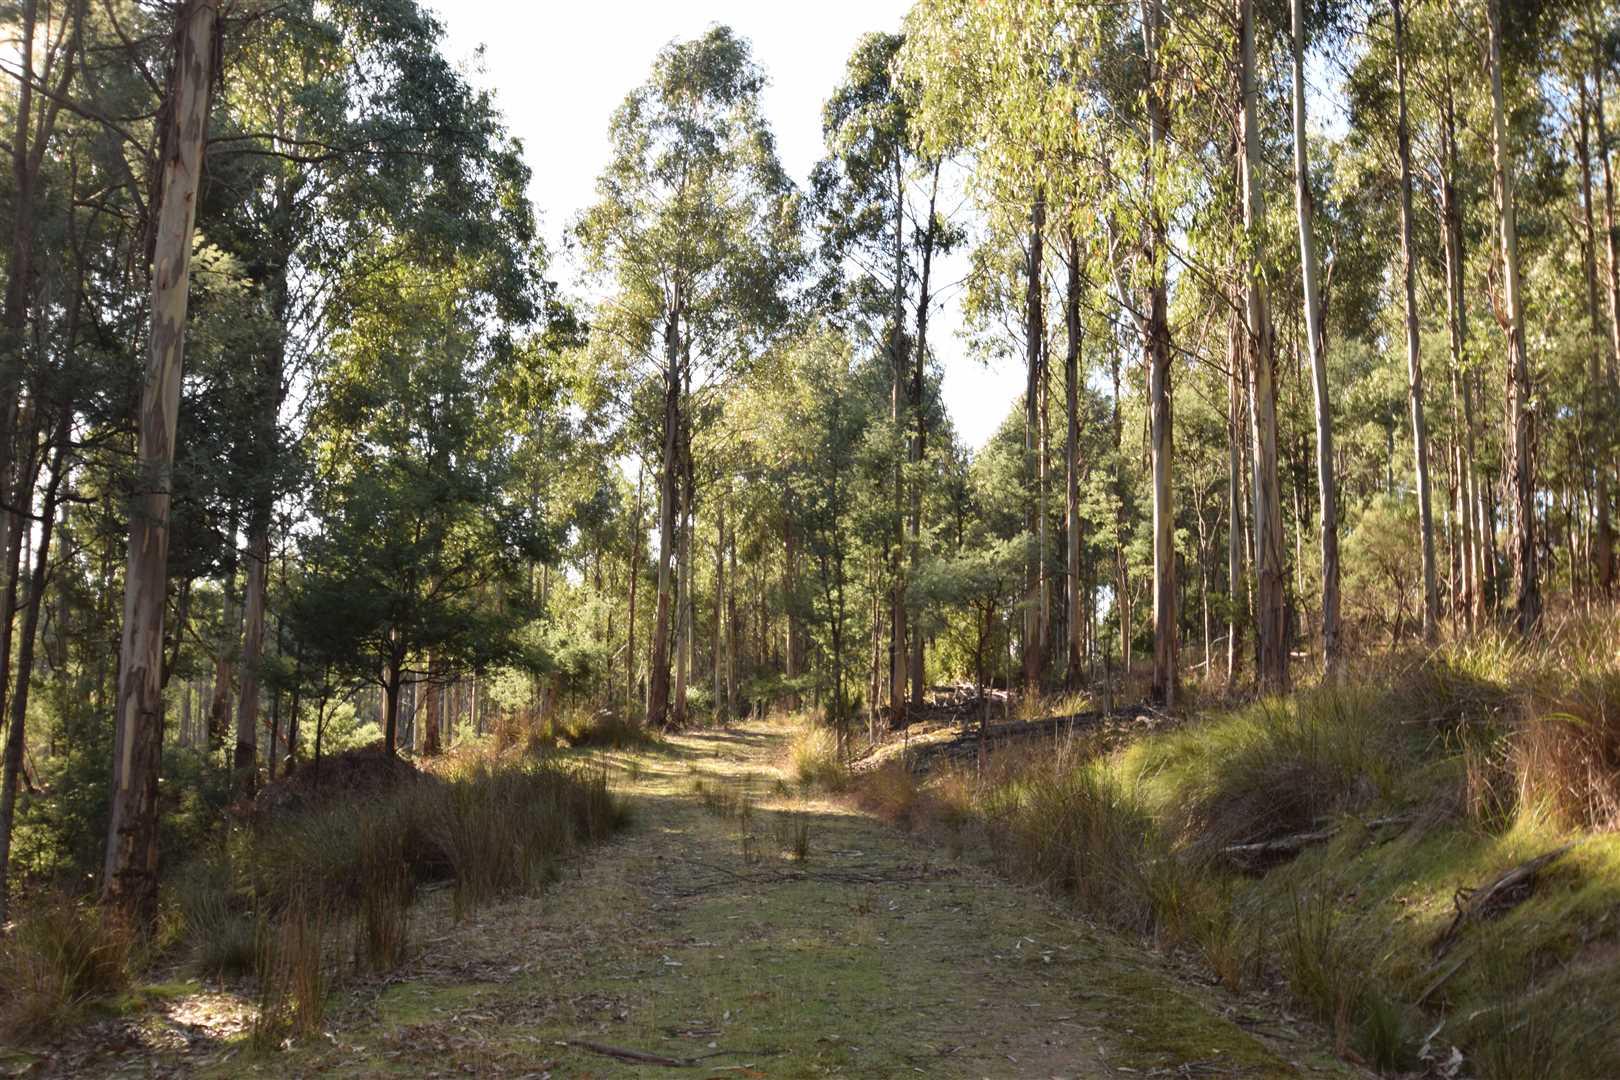 'East Meander 2' - Bush Block - Meander - 16ha (40ac)